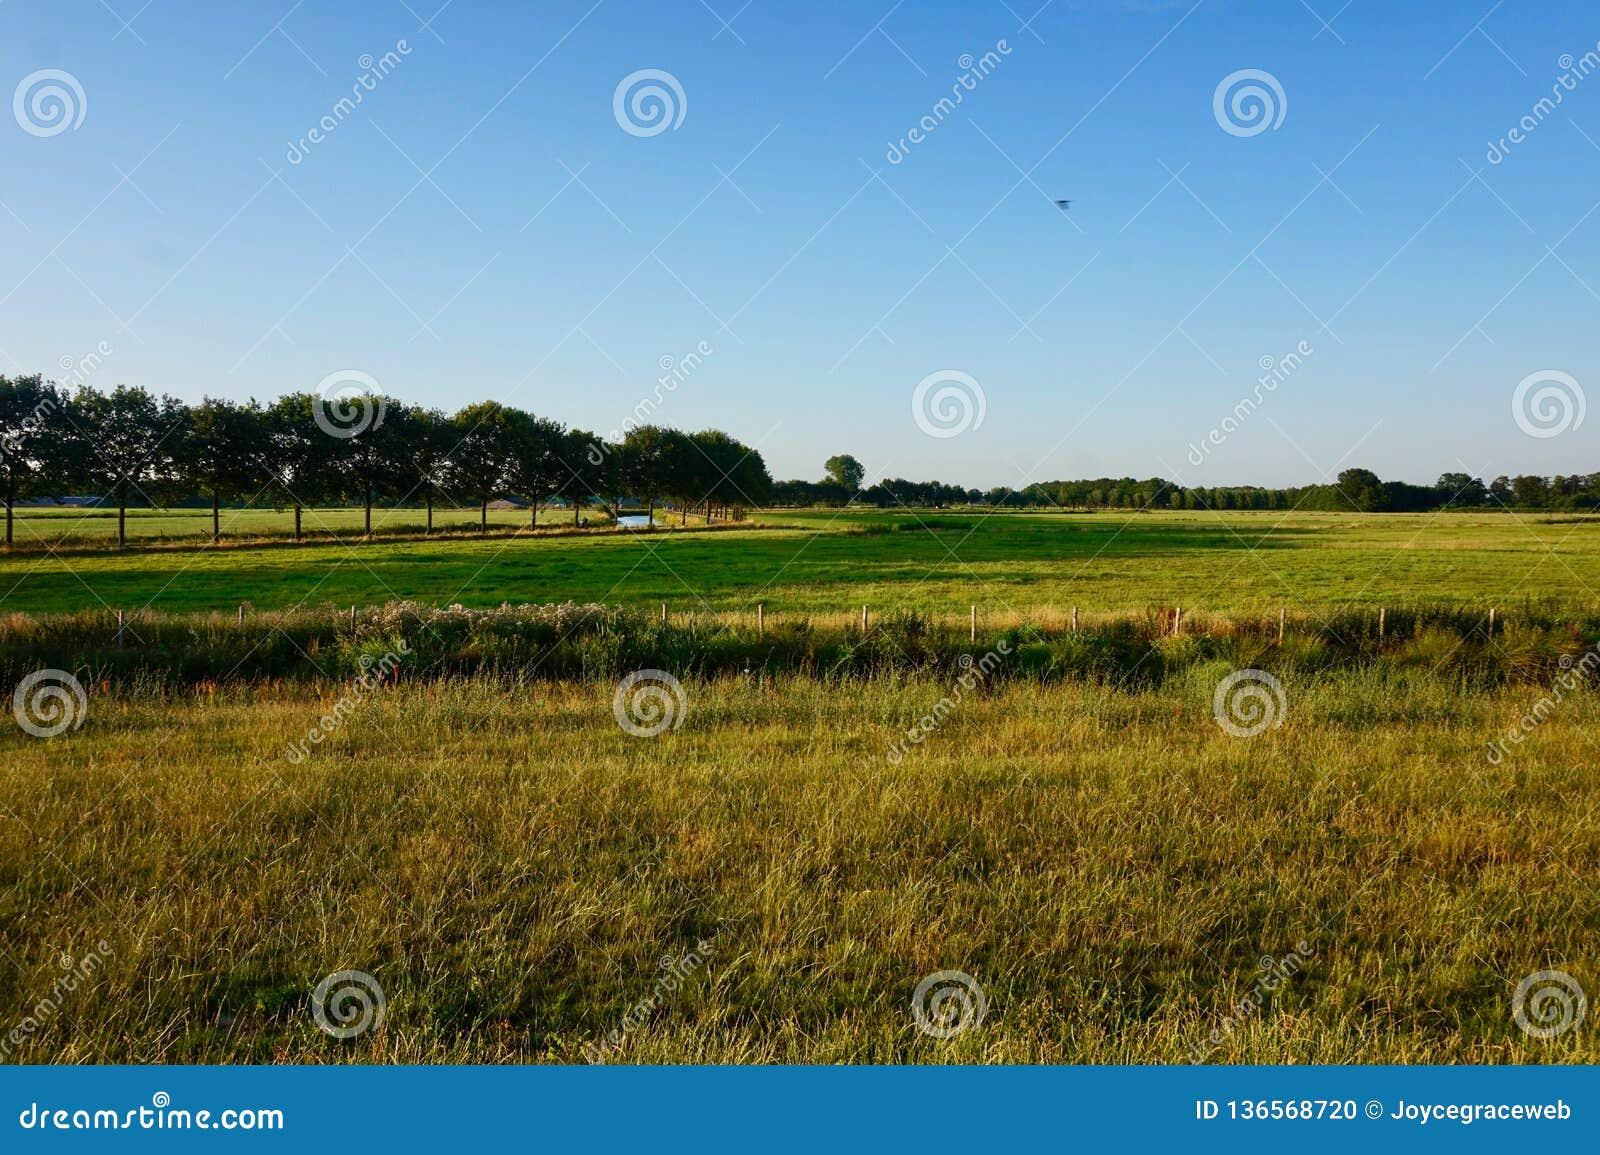 Landscape of Dutch grassy farmland at dusk